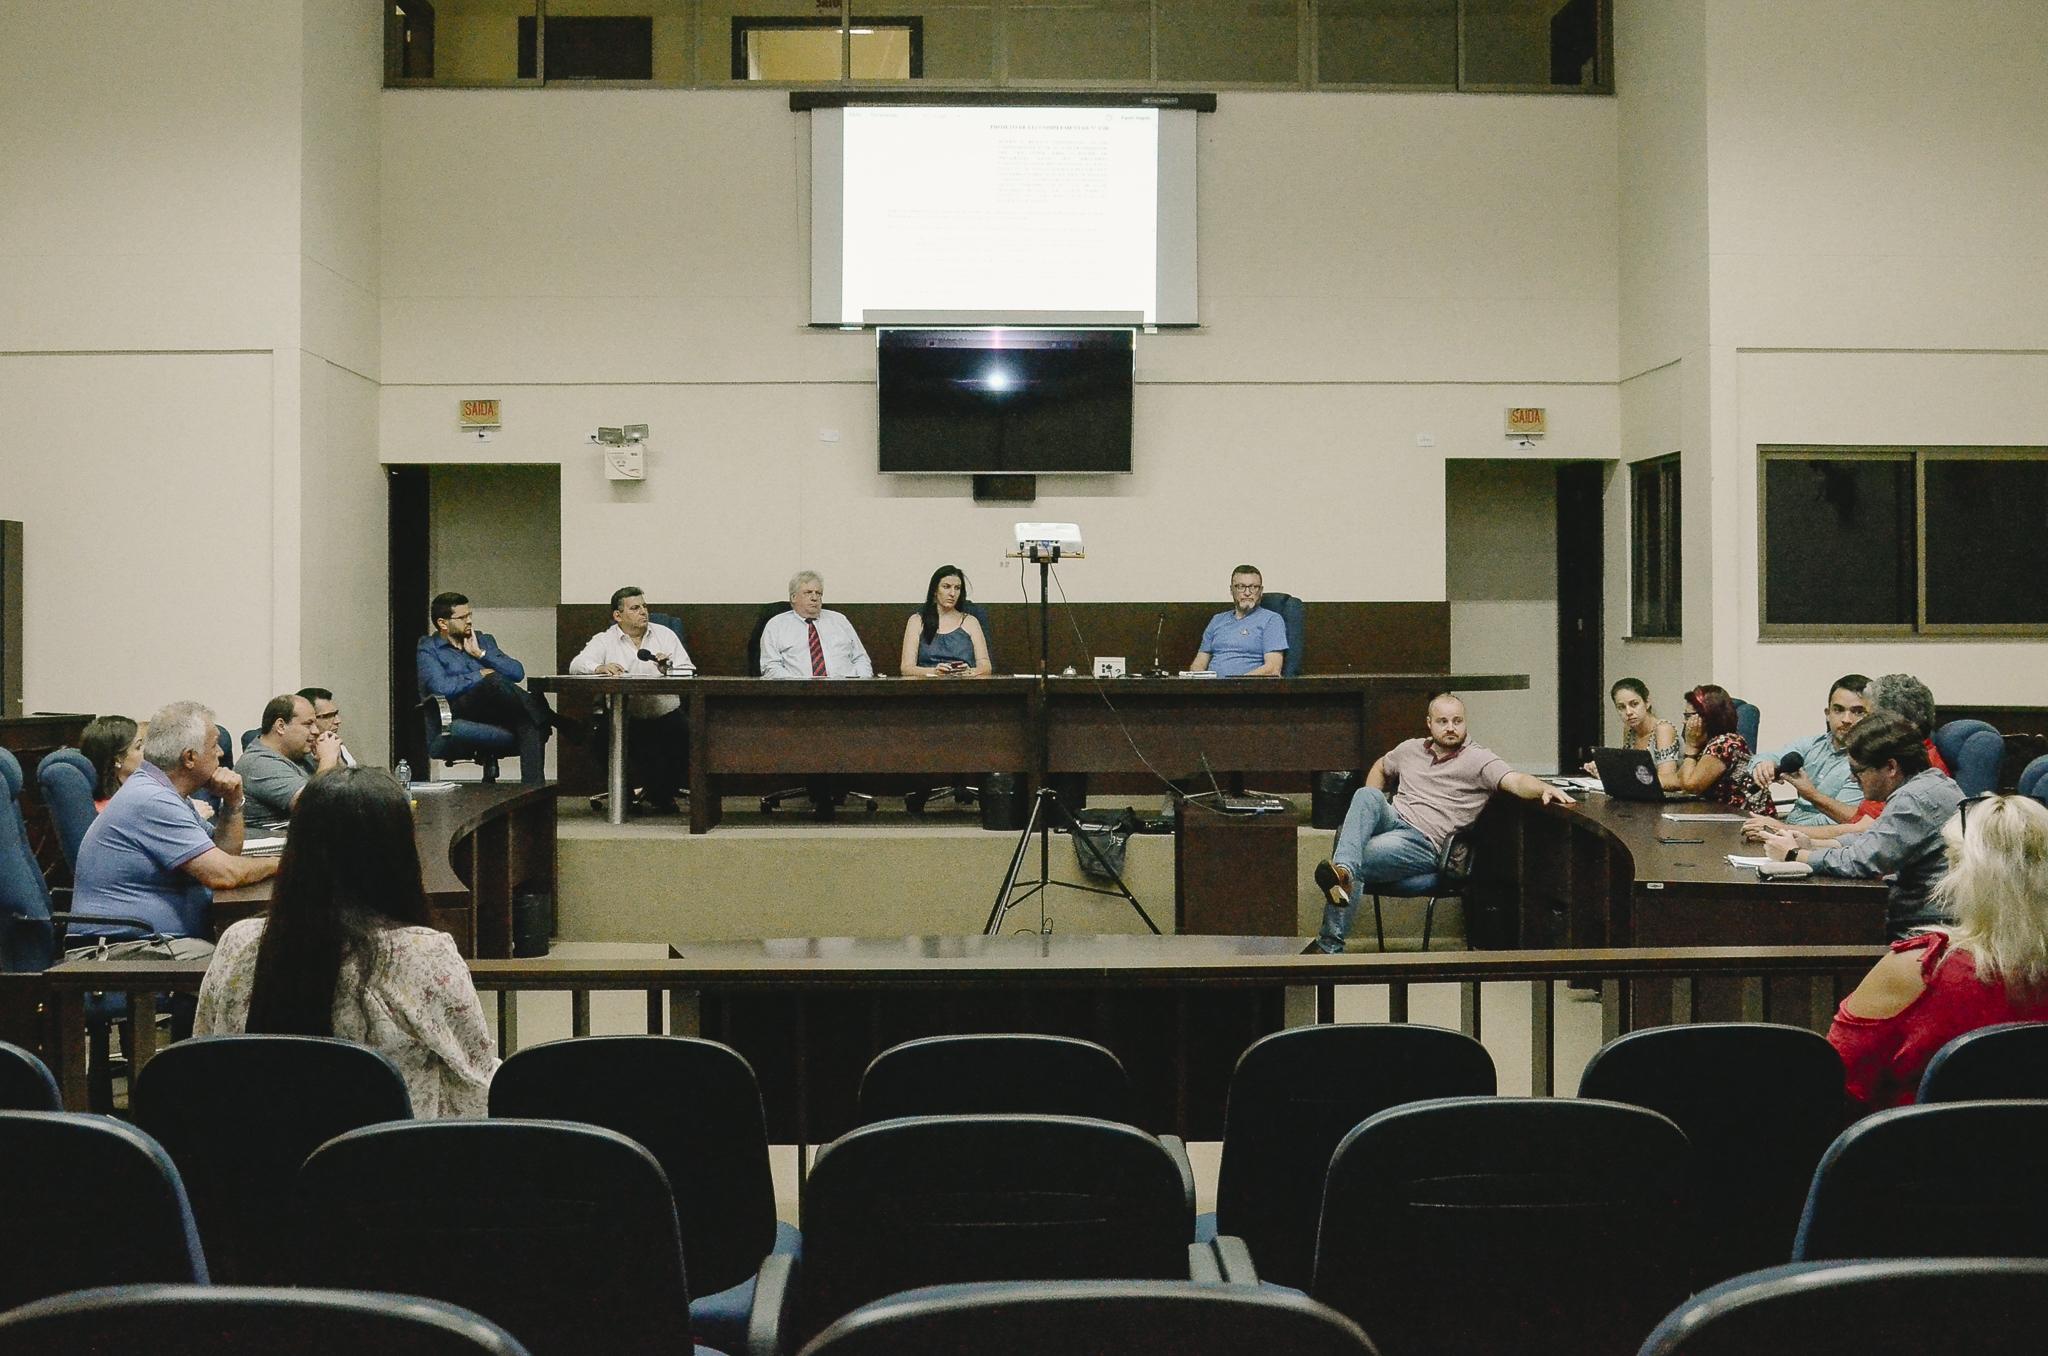 Reunião - Análise PLC 01/20 - Trata das alterações no Regime de Previdência dos Servidores de Indaial